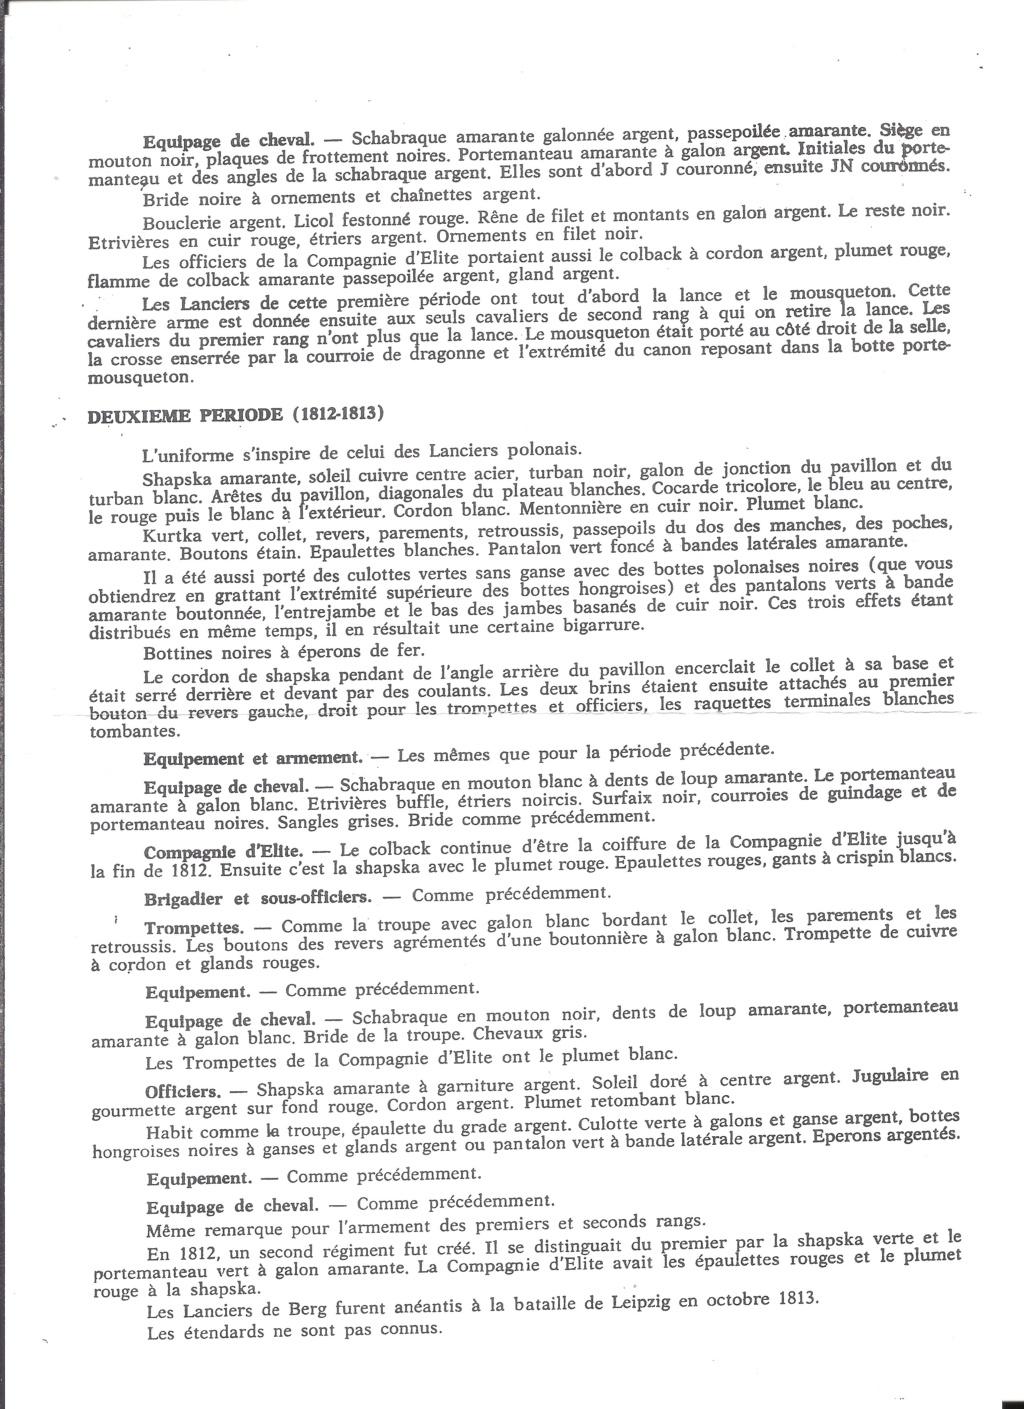 [HISTOREX] Régiment Chevaux-léger Lancier du Grand-Duché de BERG de la Garde Impériale 1809 - 1813 1/30ème Réf 742 Notice Histo176